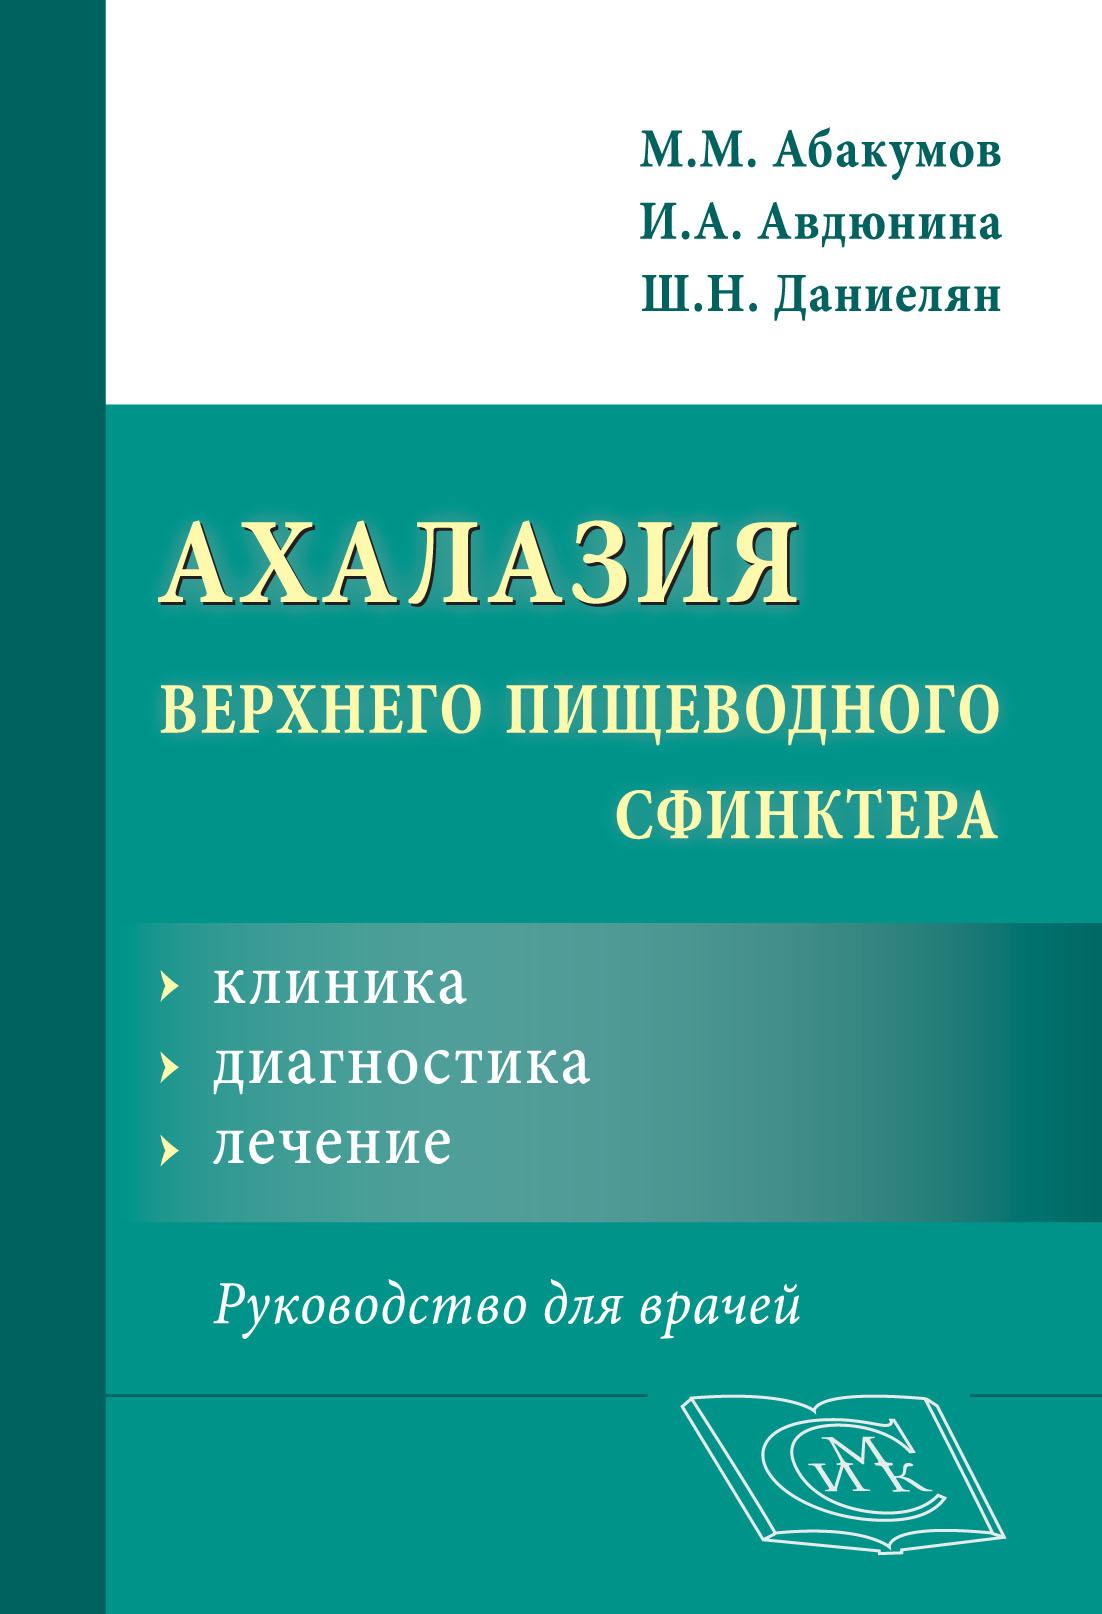 М. Абакумов Ахалазия верхнего пищеводного сфинктера: клиника, диагностика, лечение. Руководство для врачей